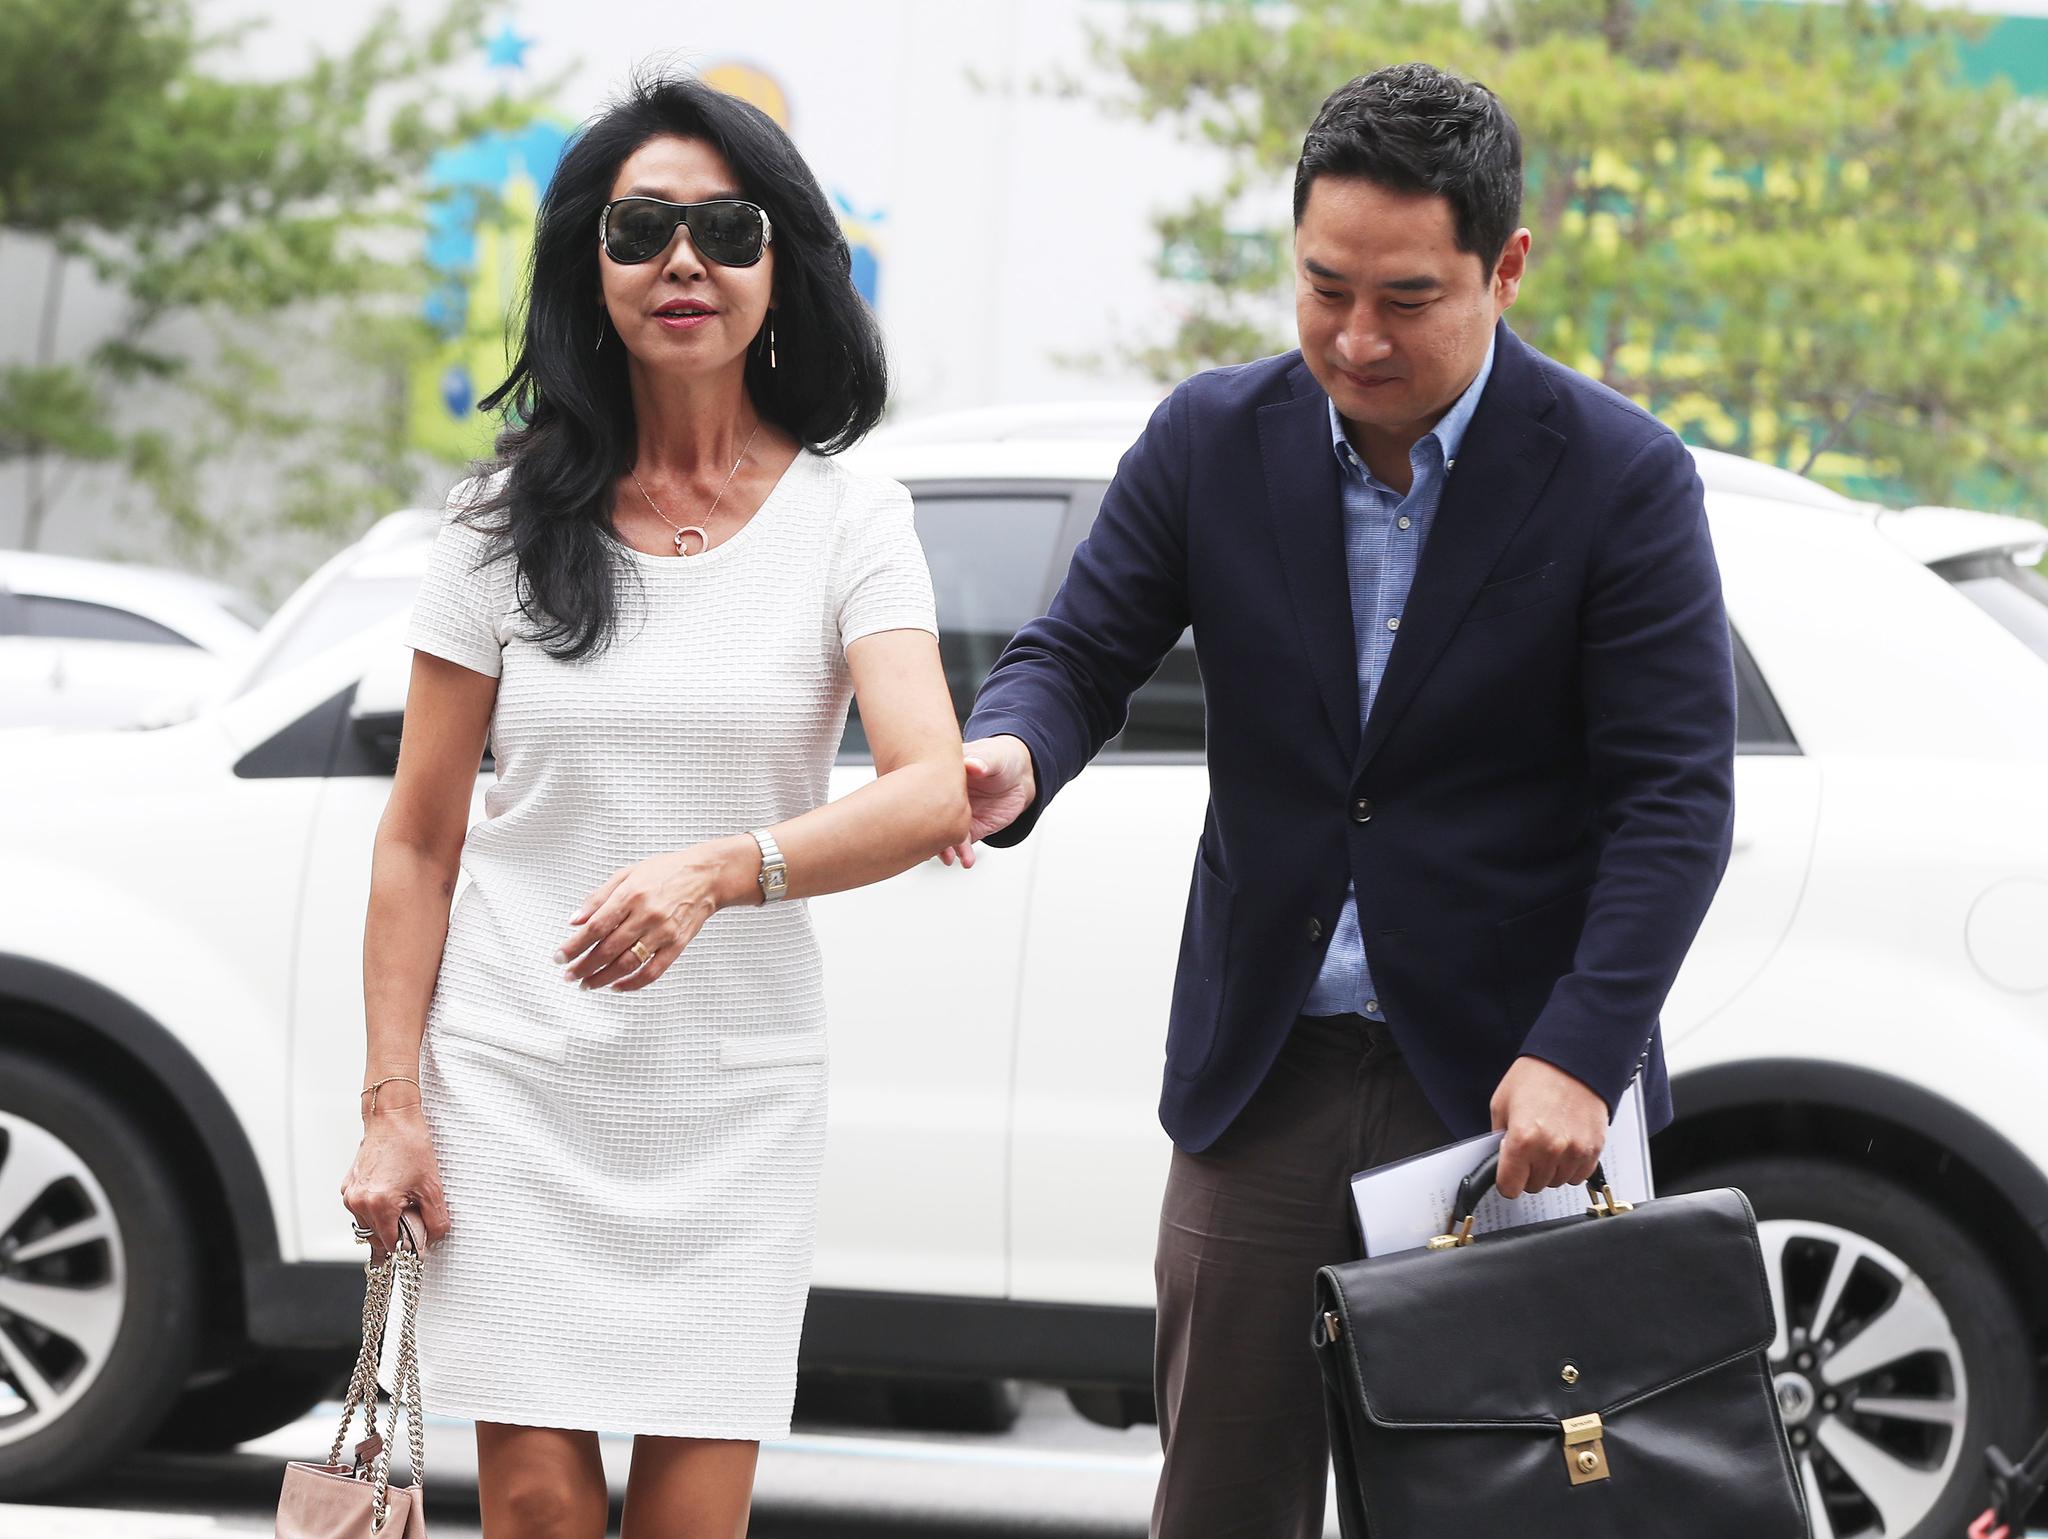 배우 김부선씨와 강용석 변호사가 차량에서 내려 포토라인에 서고 있다.[연합뉴스]